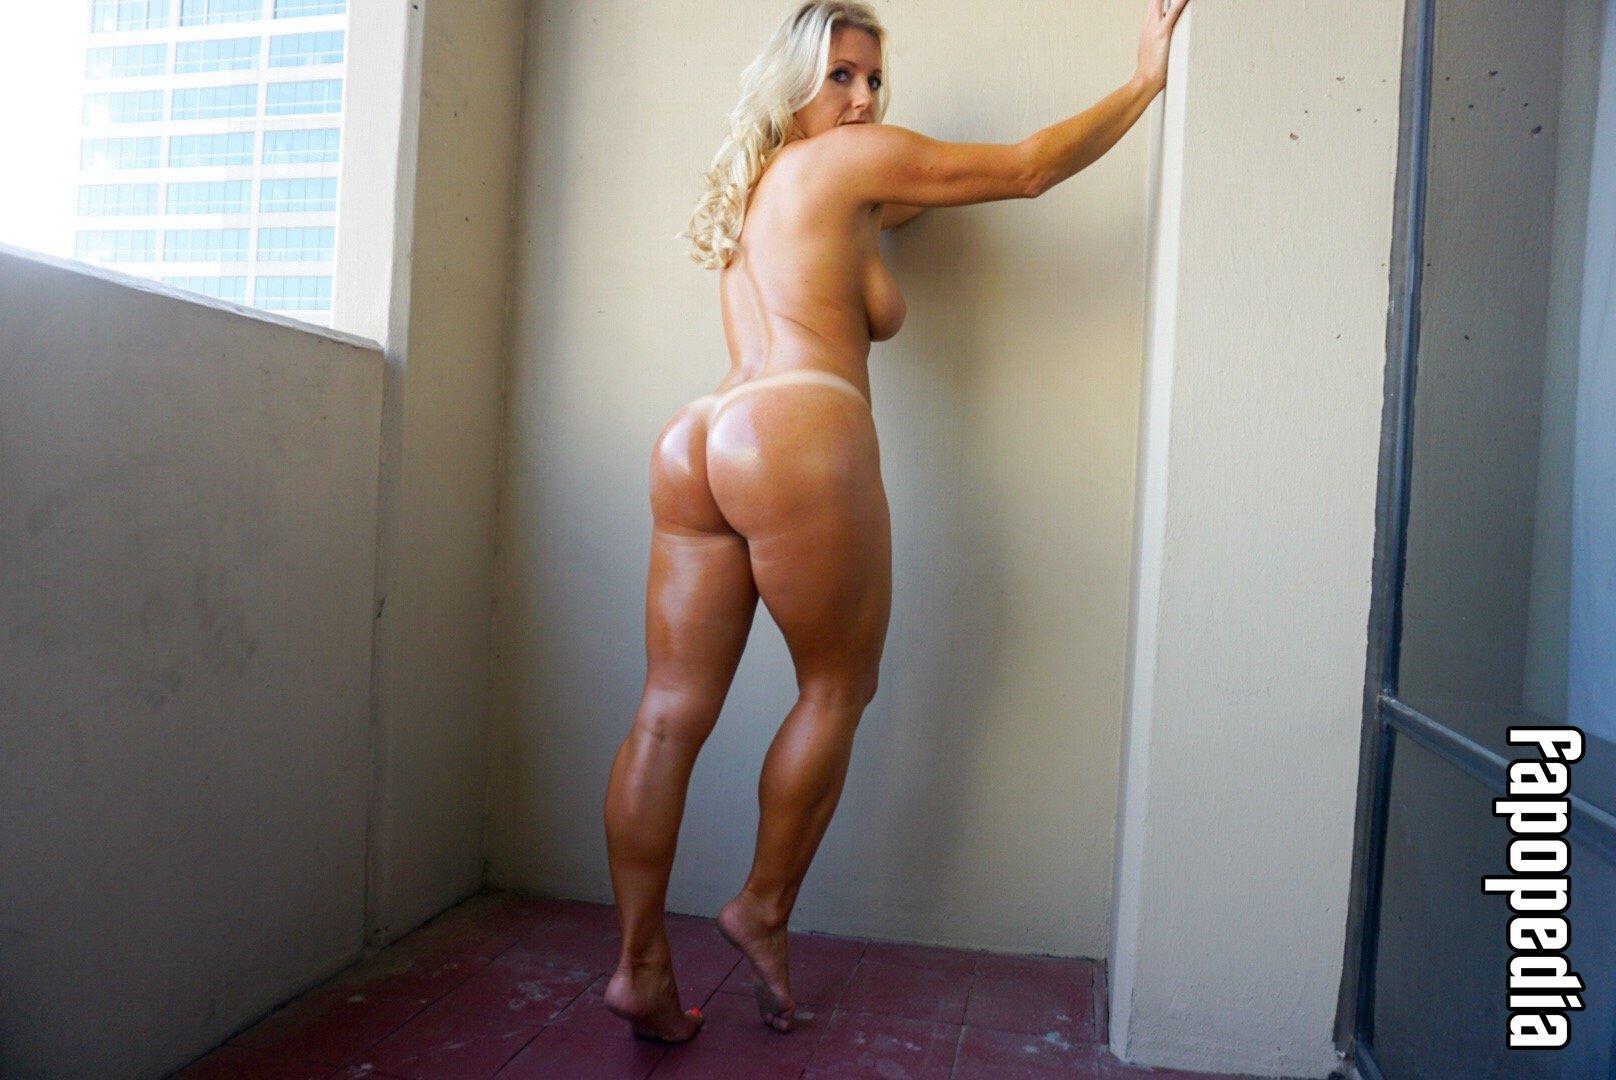 Texasthighs Naked photo 23